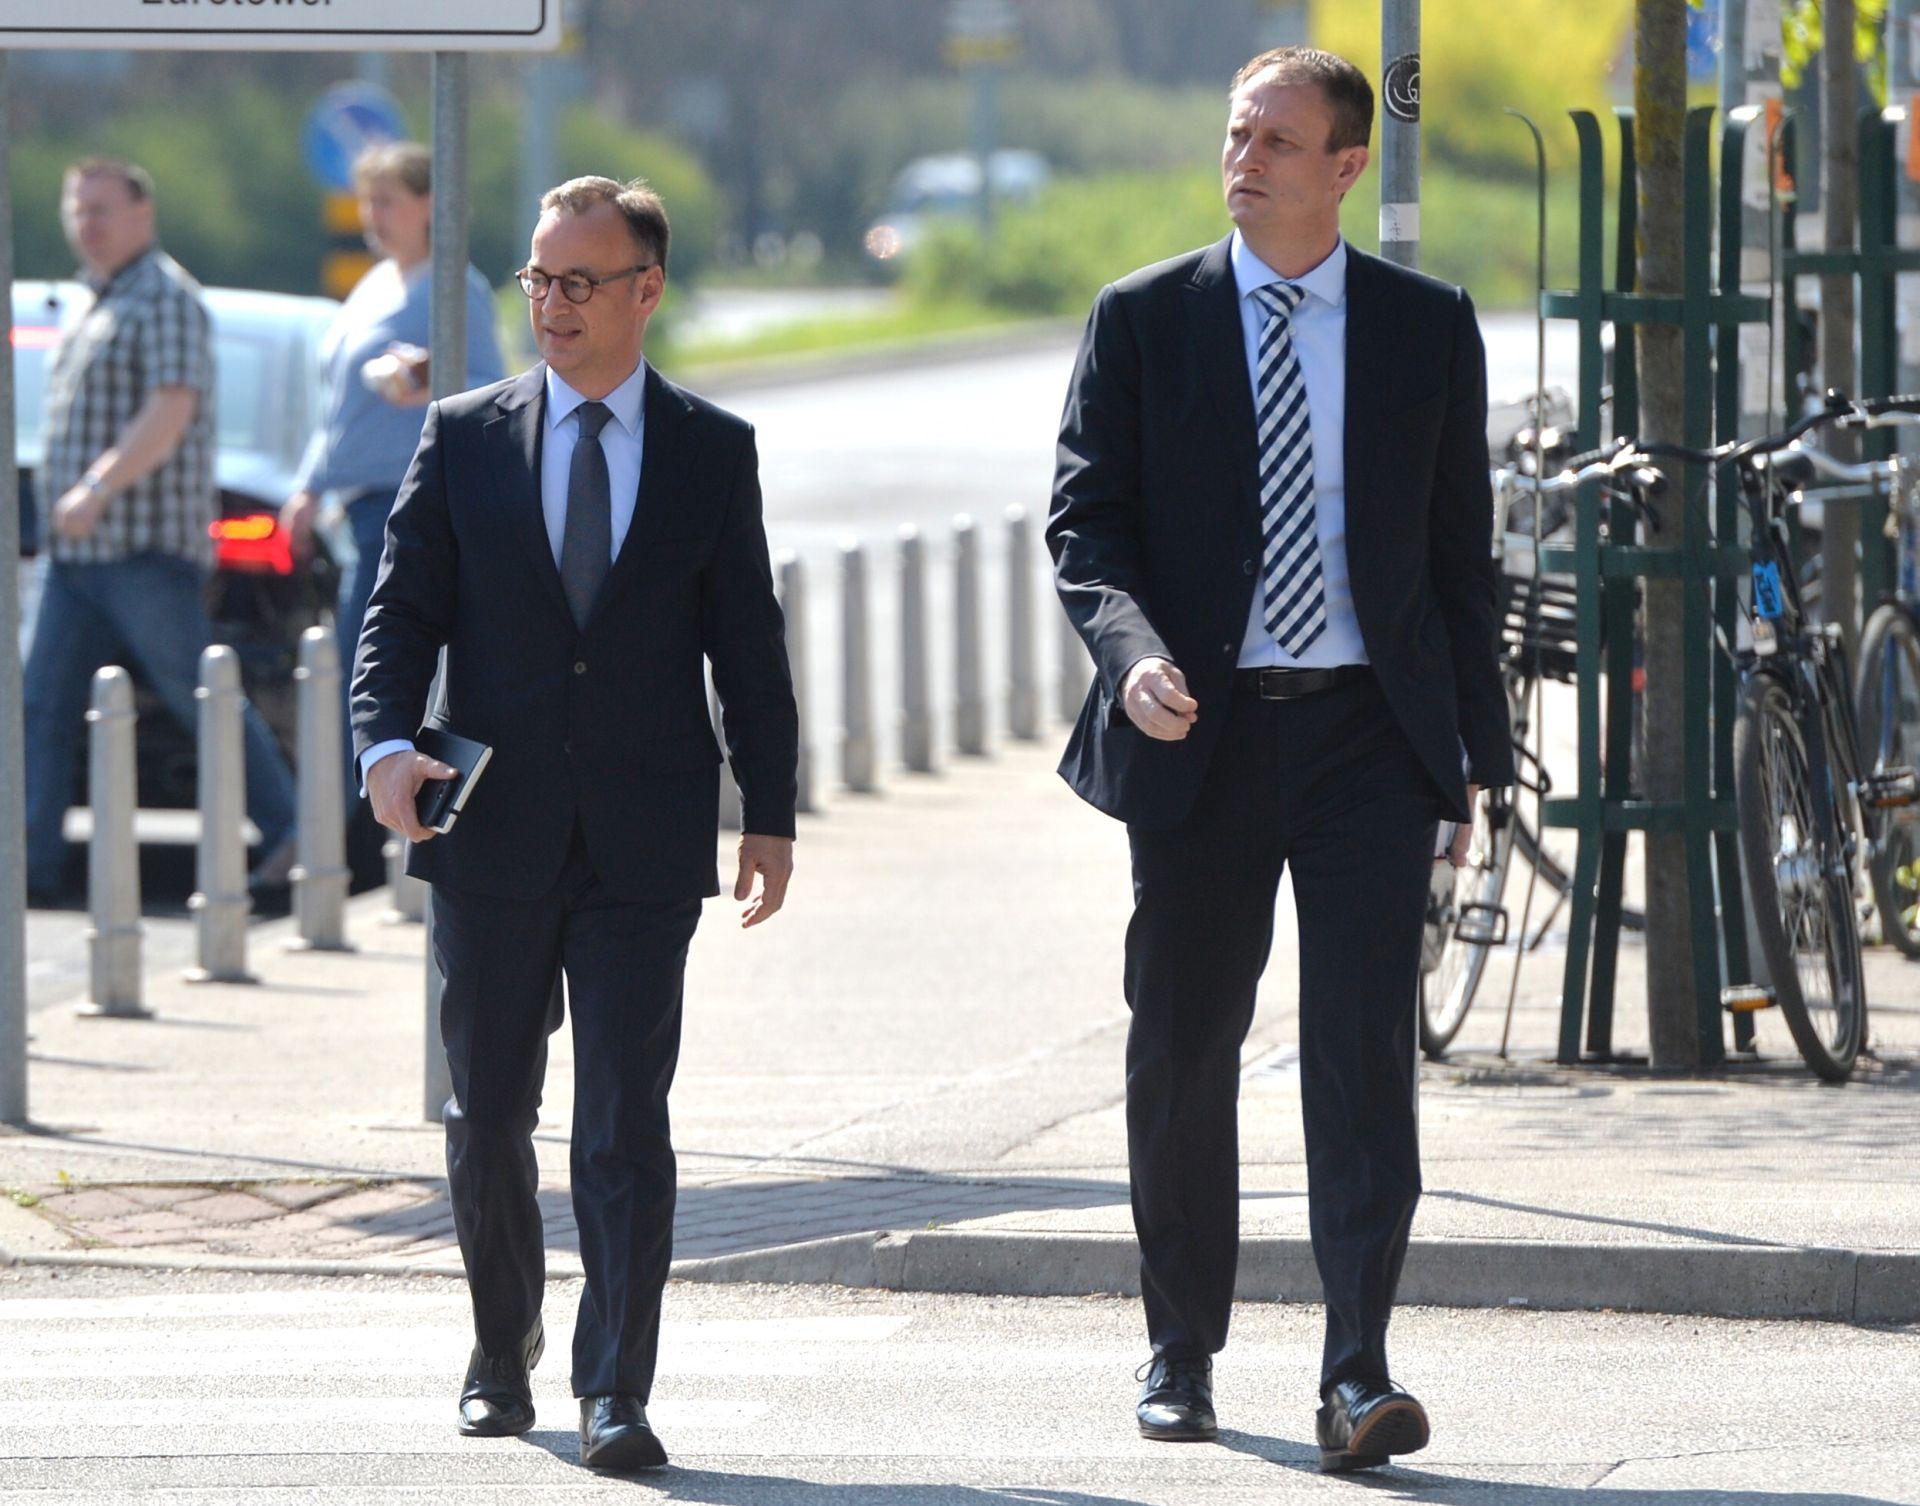 AGROKOR Dobavljači: 'U ponedjeljak očekujemo razgovor s povjerenikom o našim zahtjevima'